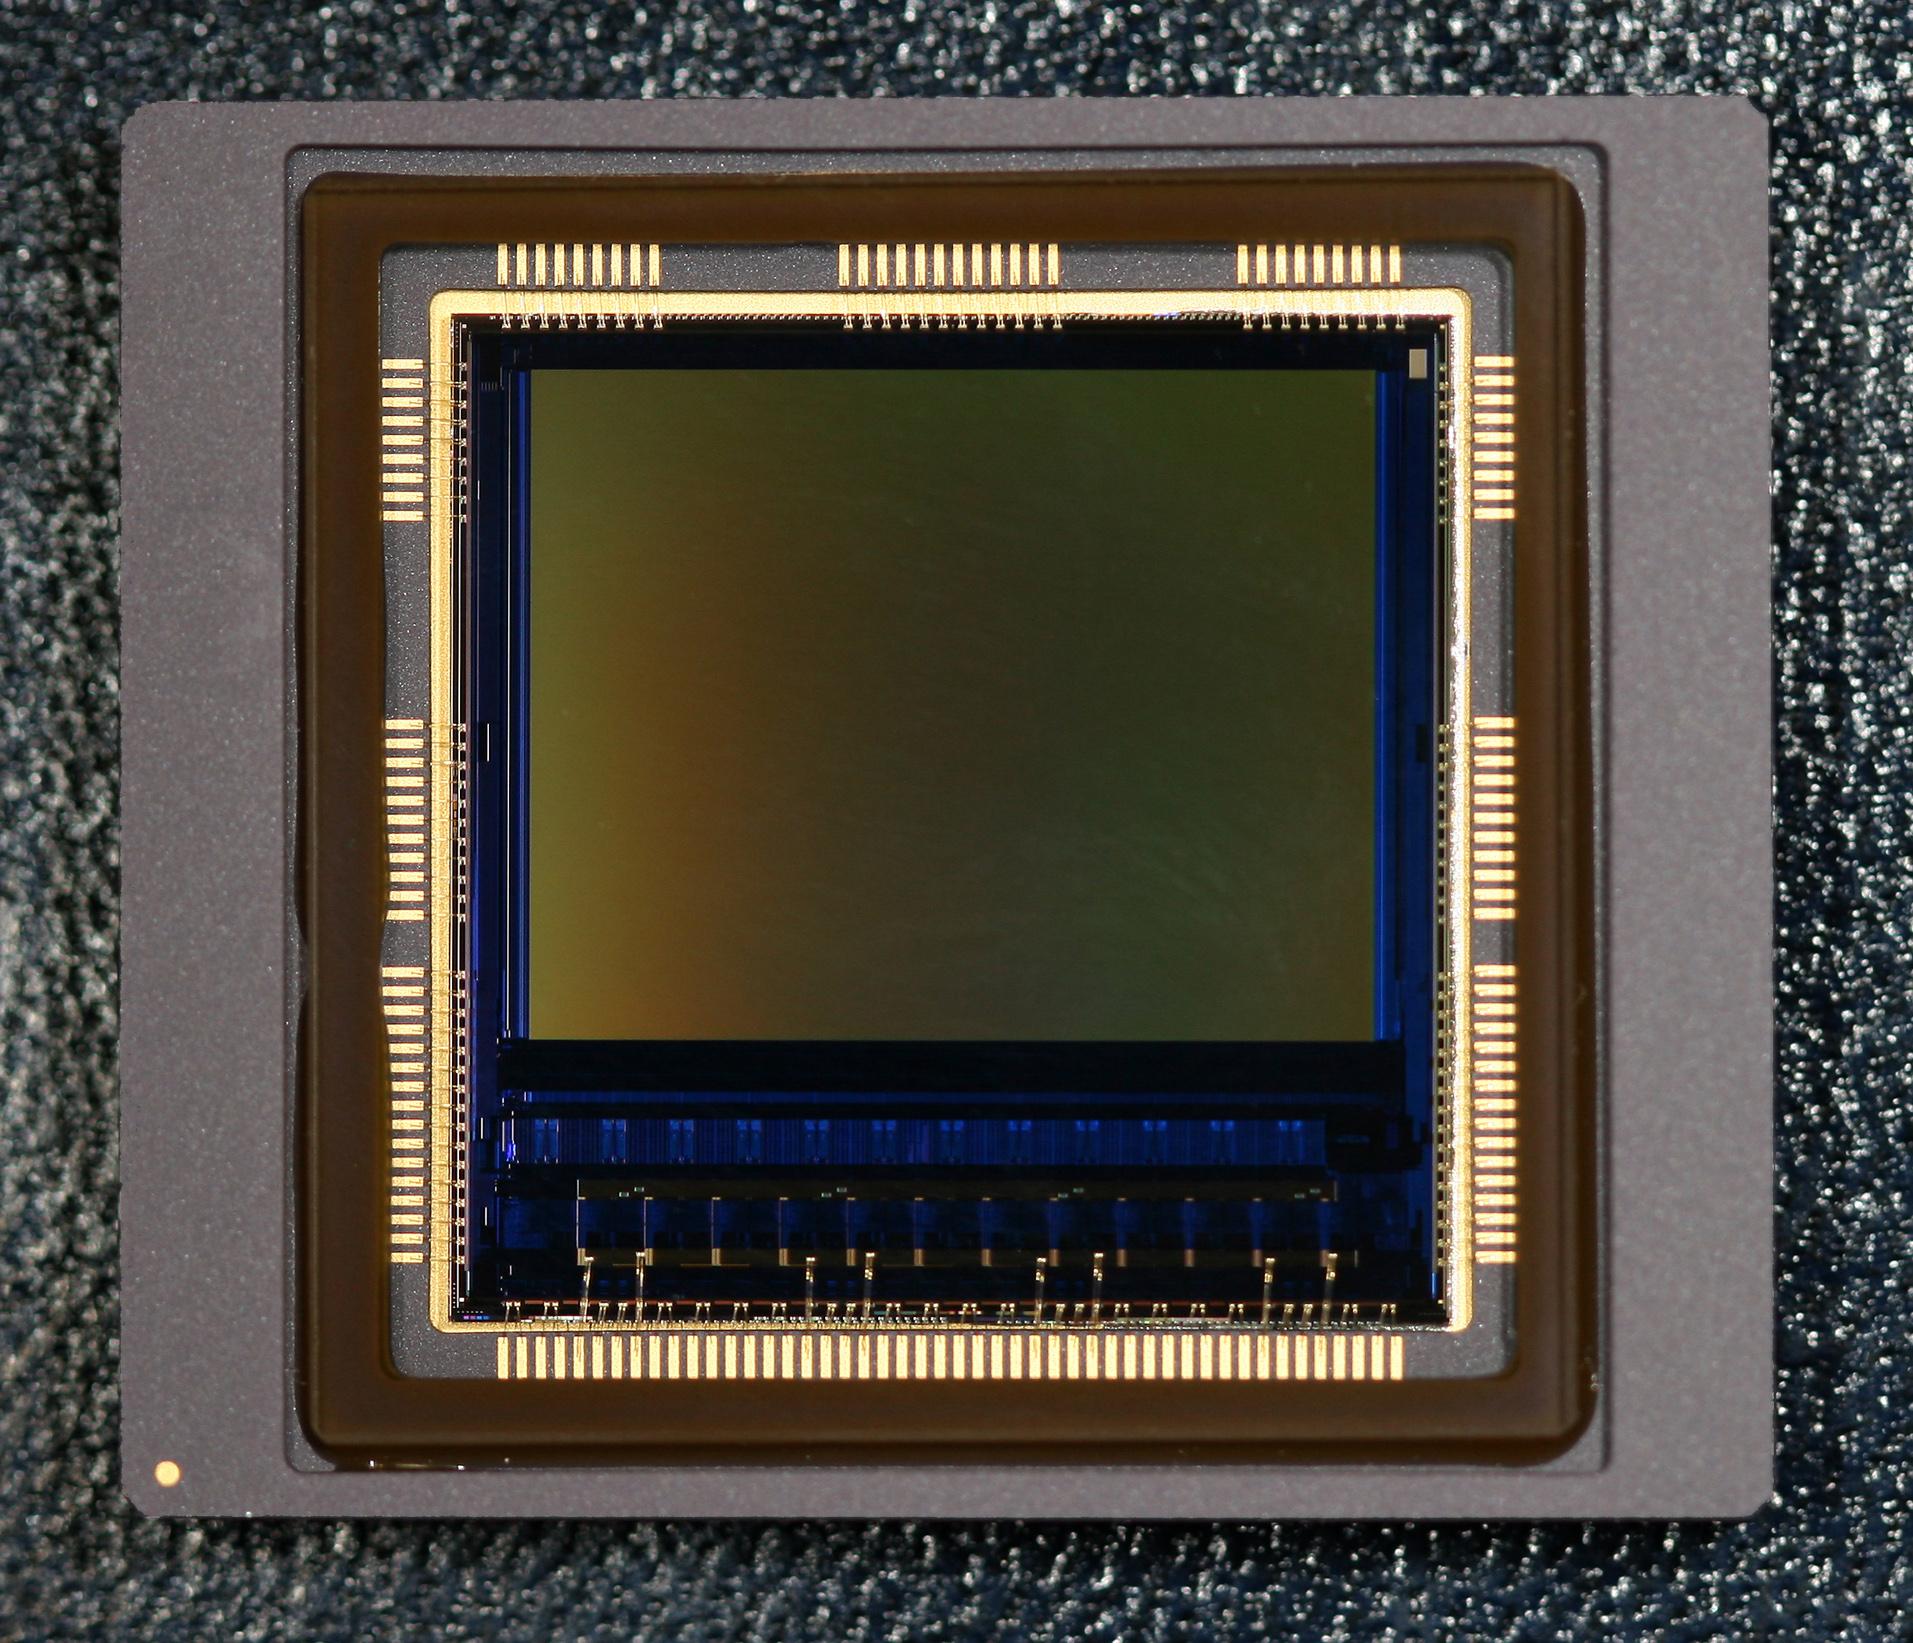 赛普拉斯为用于机器视觉与运动分析应用的 LUPA 高速 SXGA CMOS图像传感器添加色彩